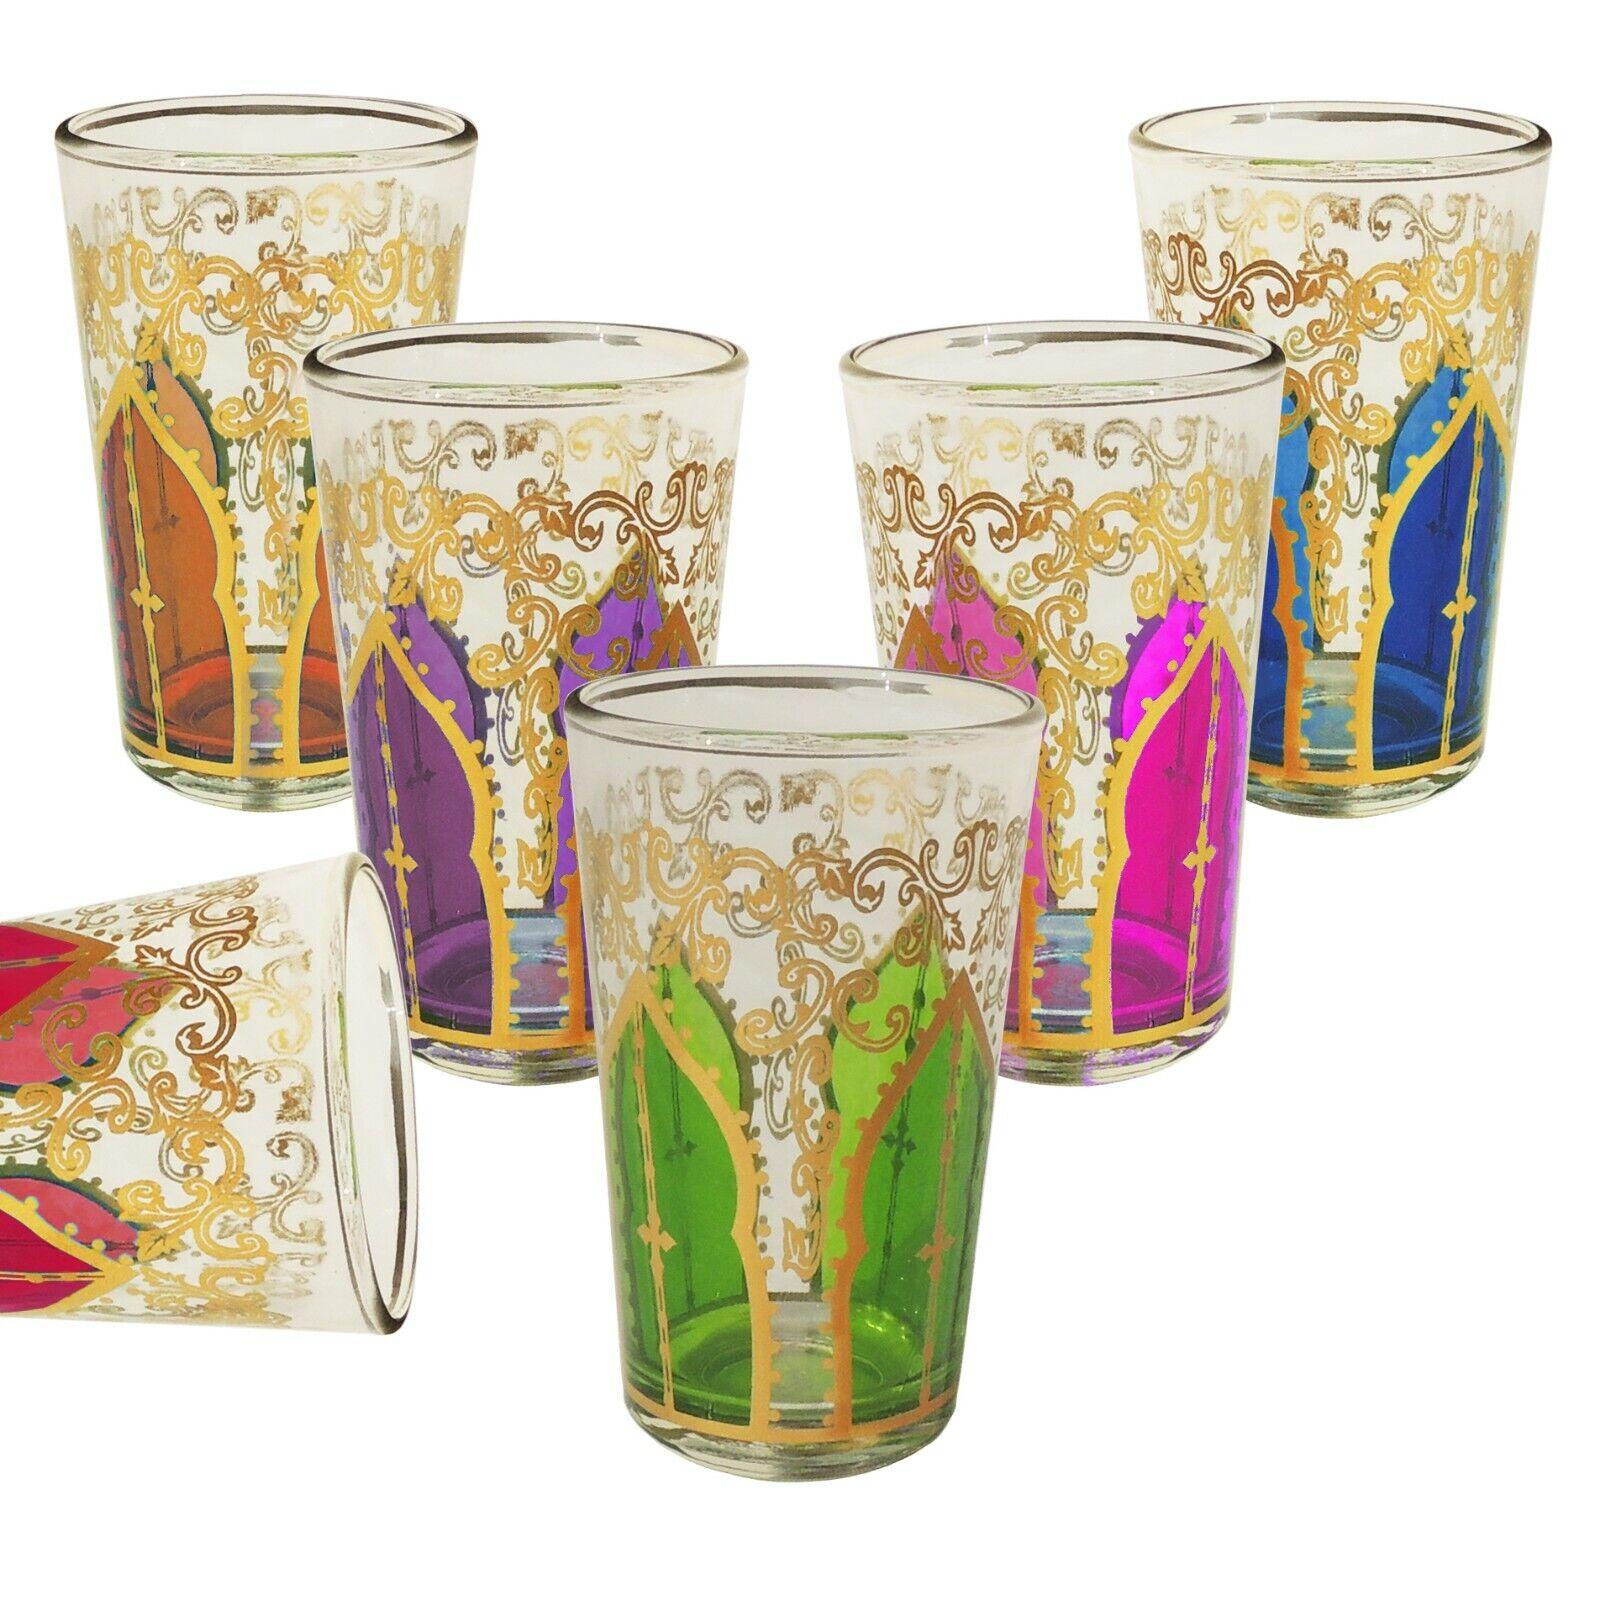 6er Set marokkanische teegläser Mansour - Arabische Orientalische Gläser Orient